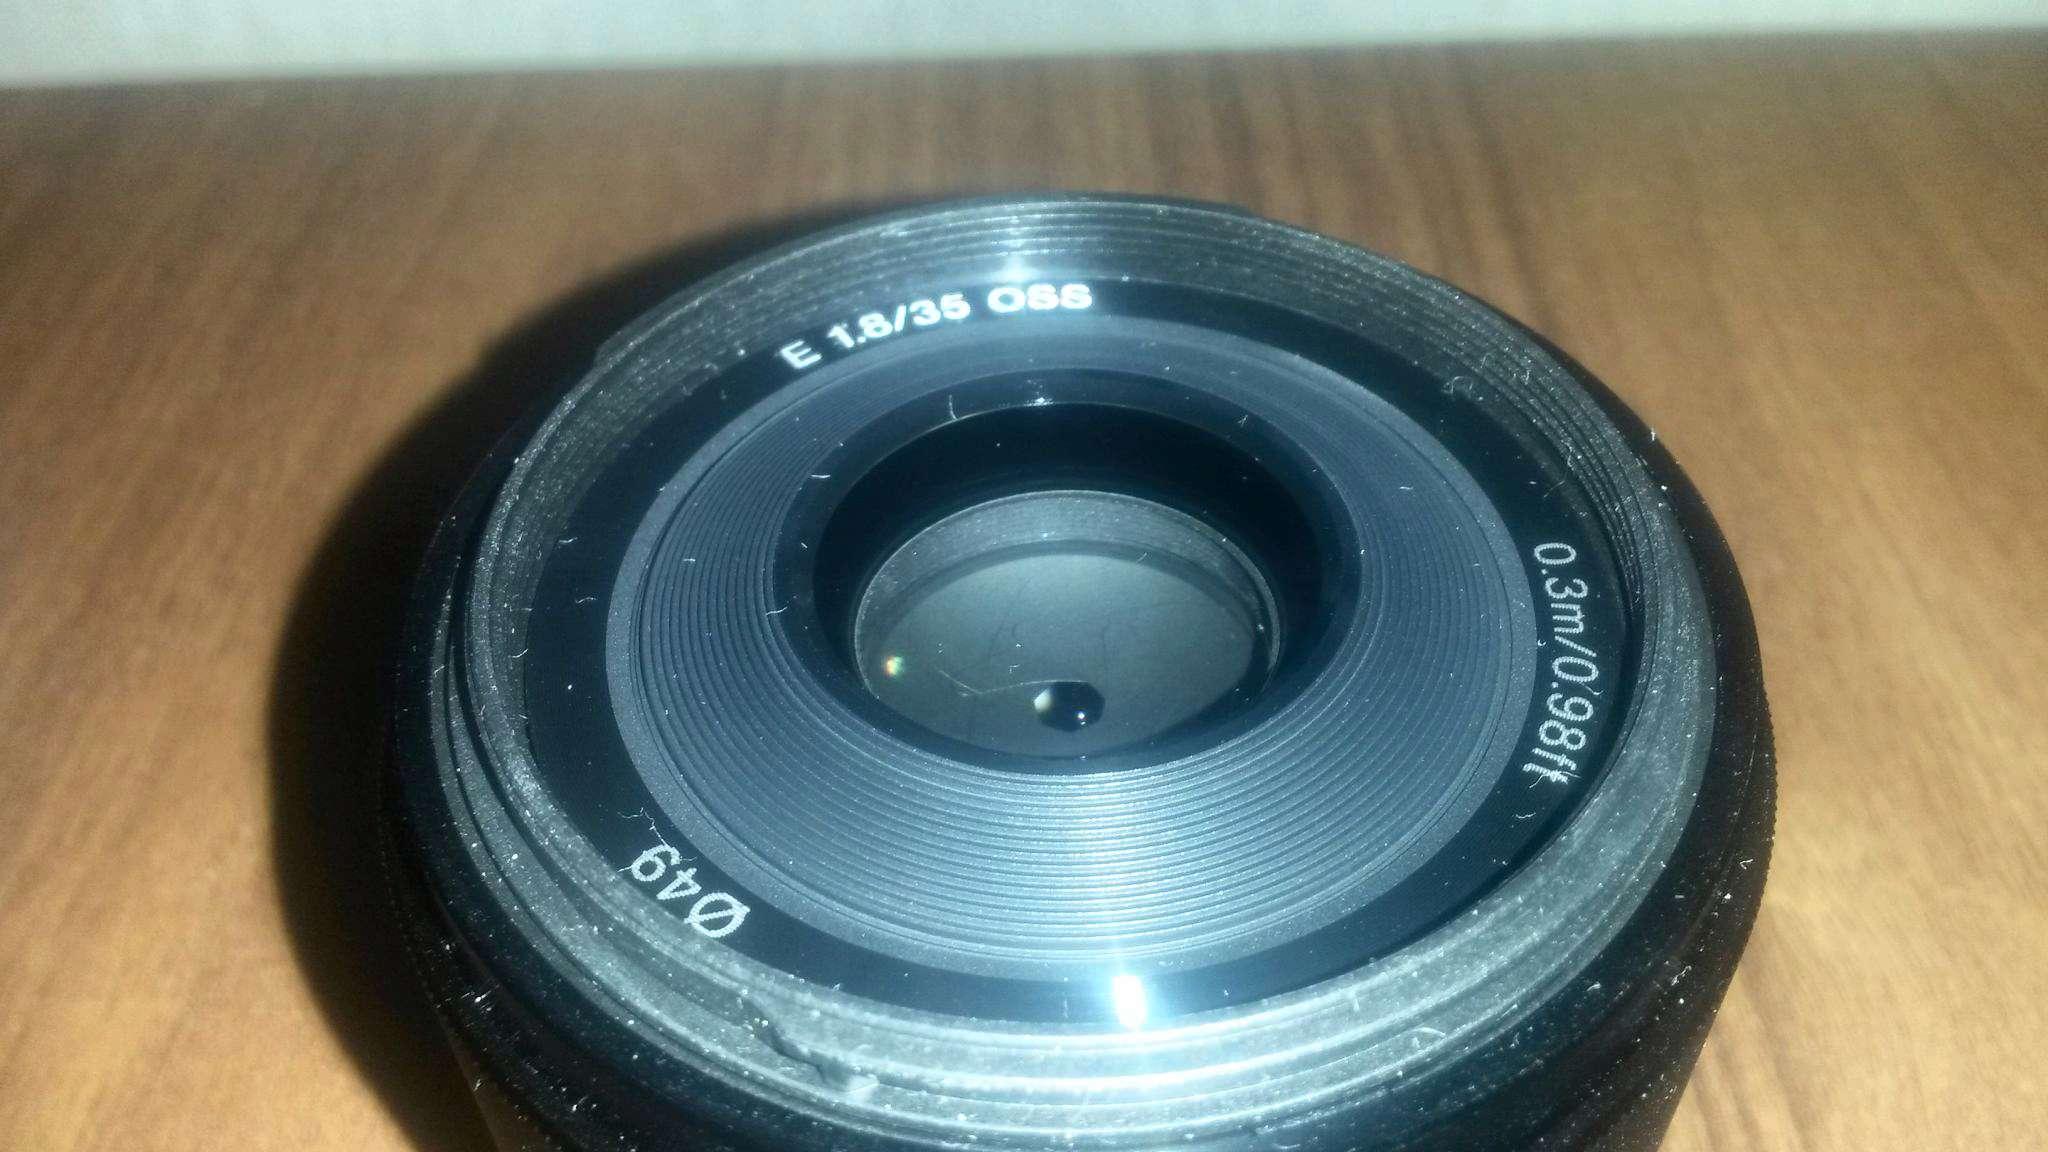 Sony Sony 35mm f/1.8 (SEL35F18)